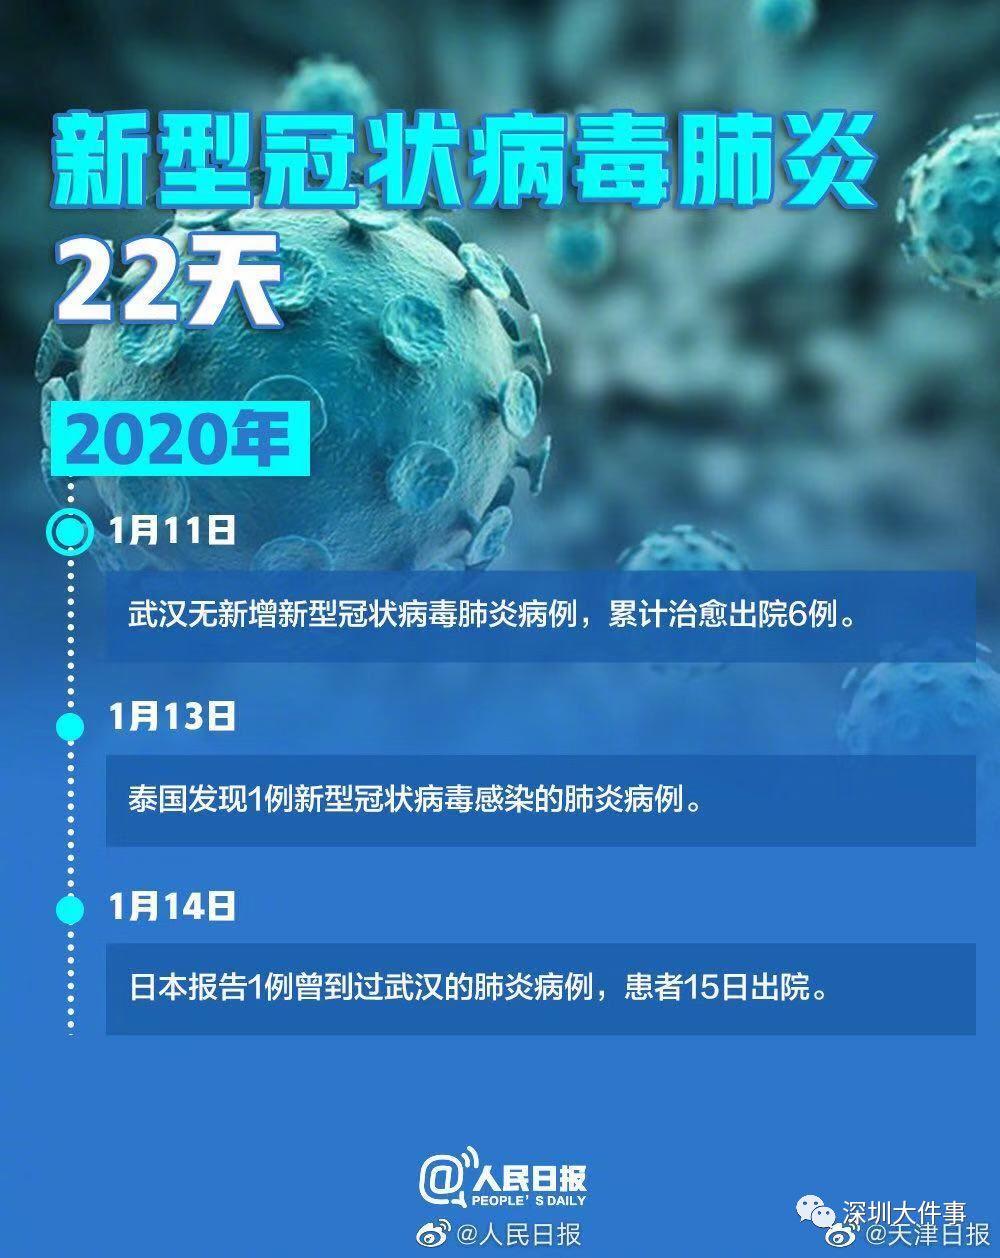 钟南山:新型肺炎肯定有人传人现象,戴口罩有用插图12